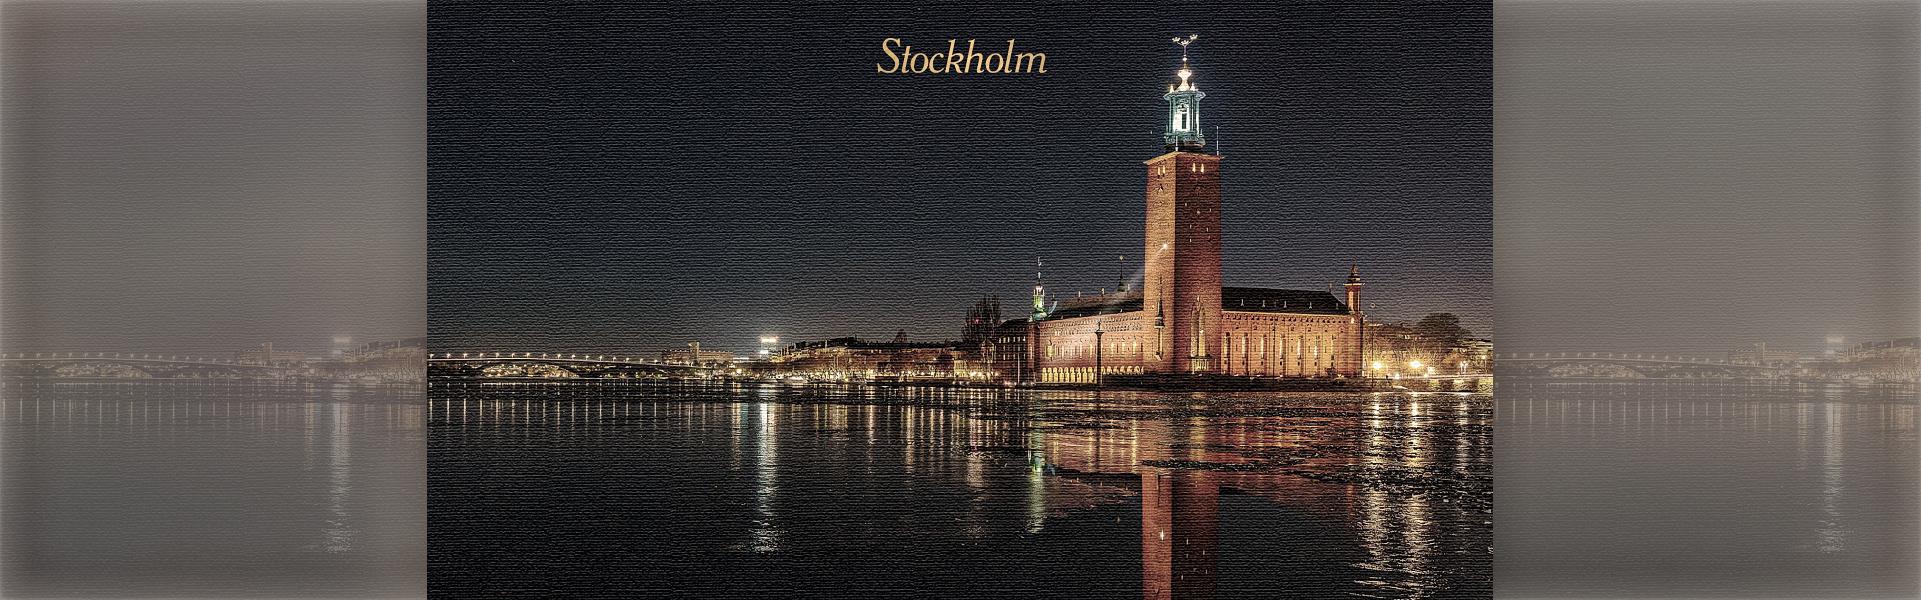 Stockholm_Sweden 13 редакция 1